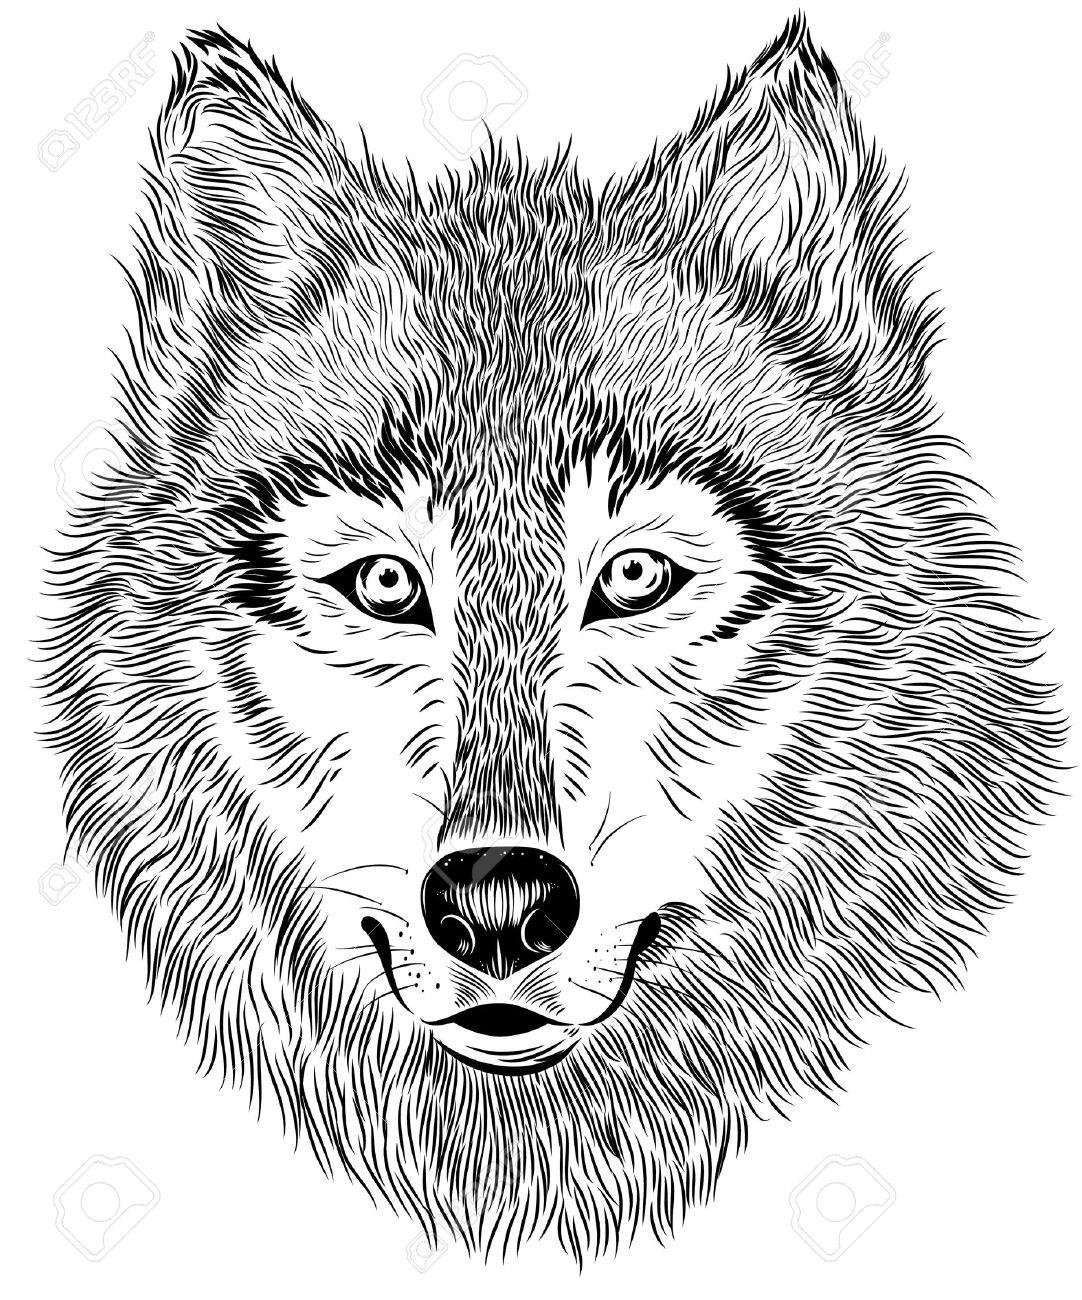 Vector Hand Schwarz Weiß Porträt Von Pelzwolf Auf Weißem Hintergrund